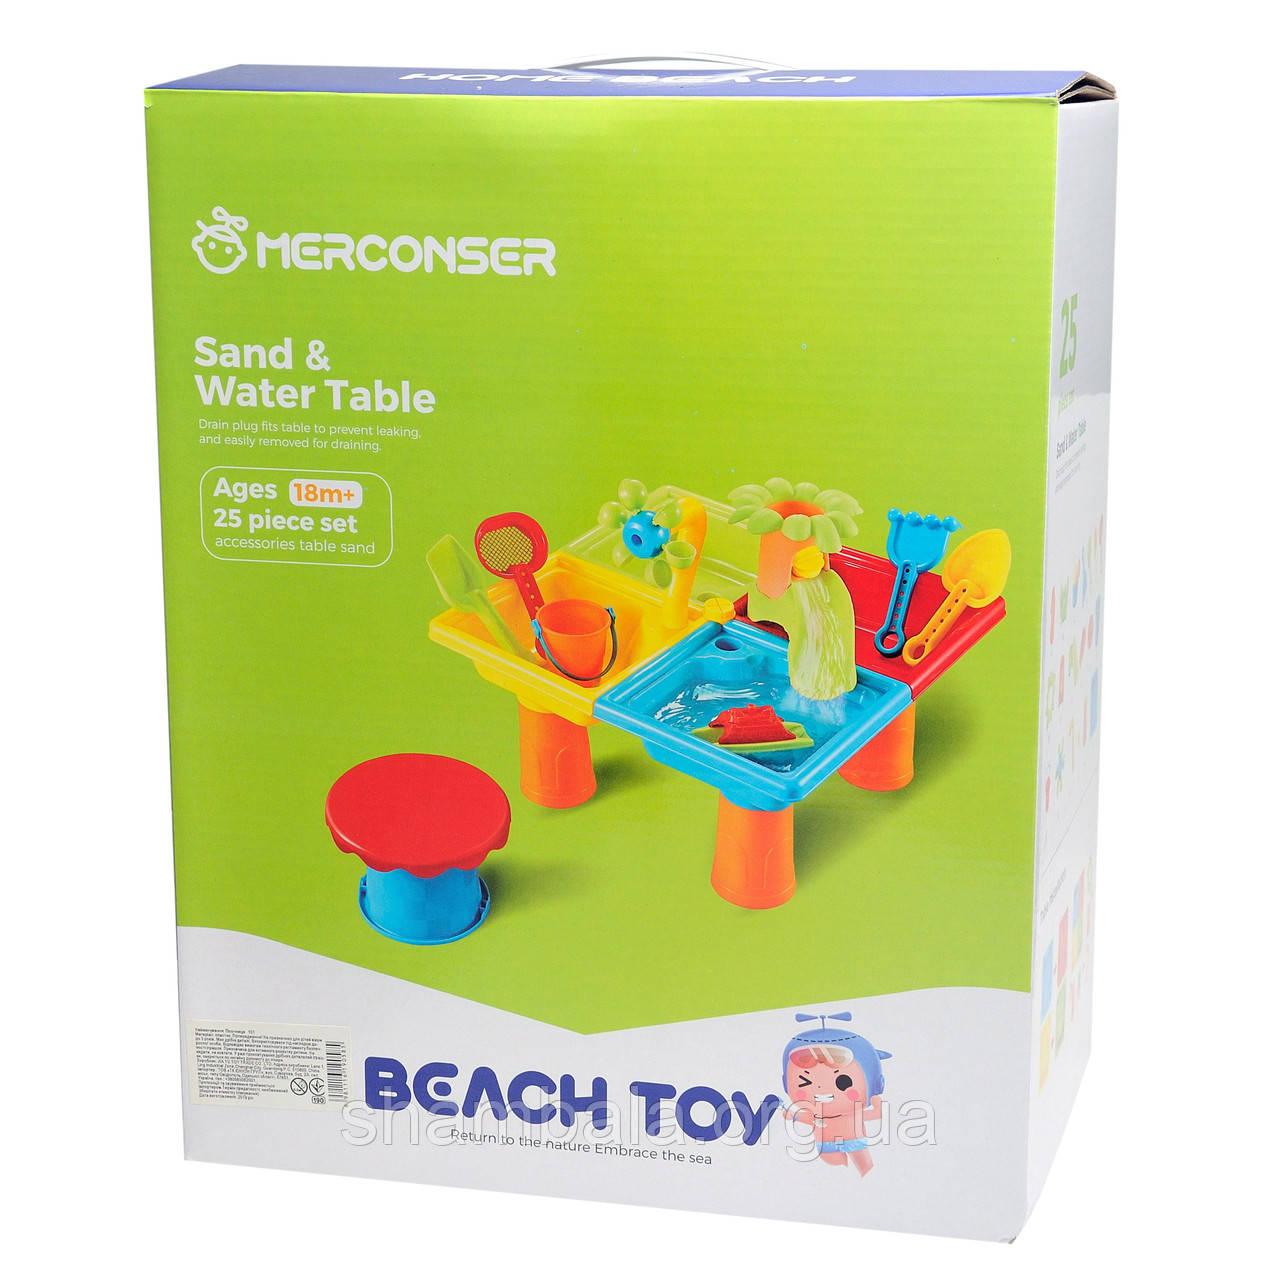 """Игровой столик для песка и воды Merconser """"Sand & Water Table"""" (080130)"""